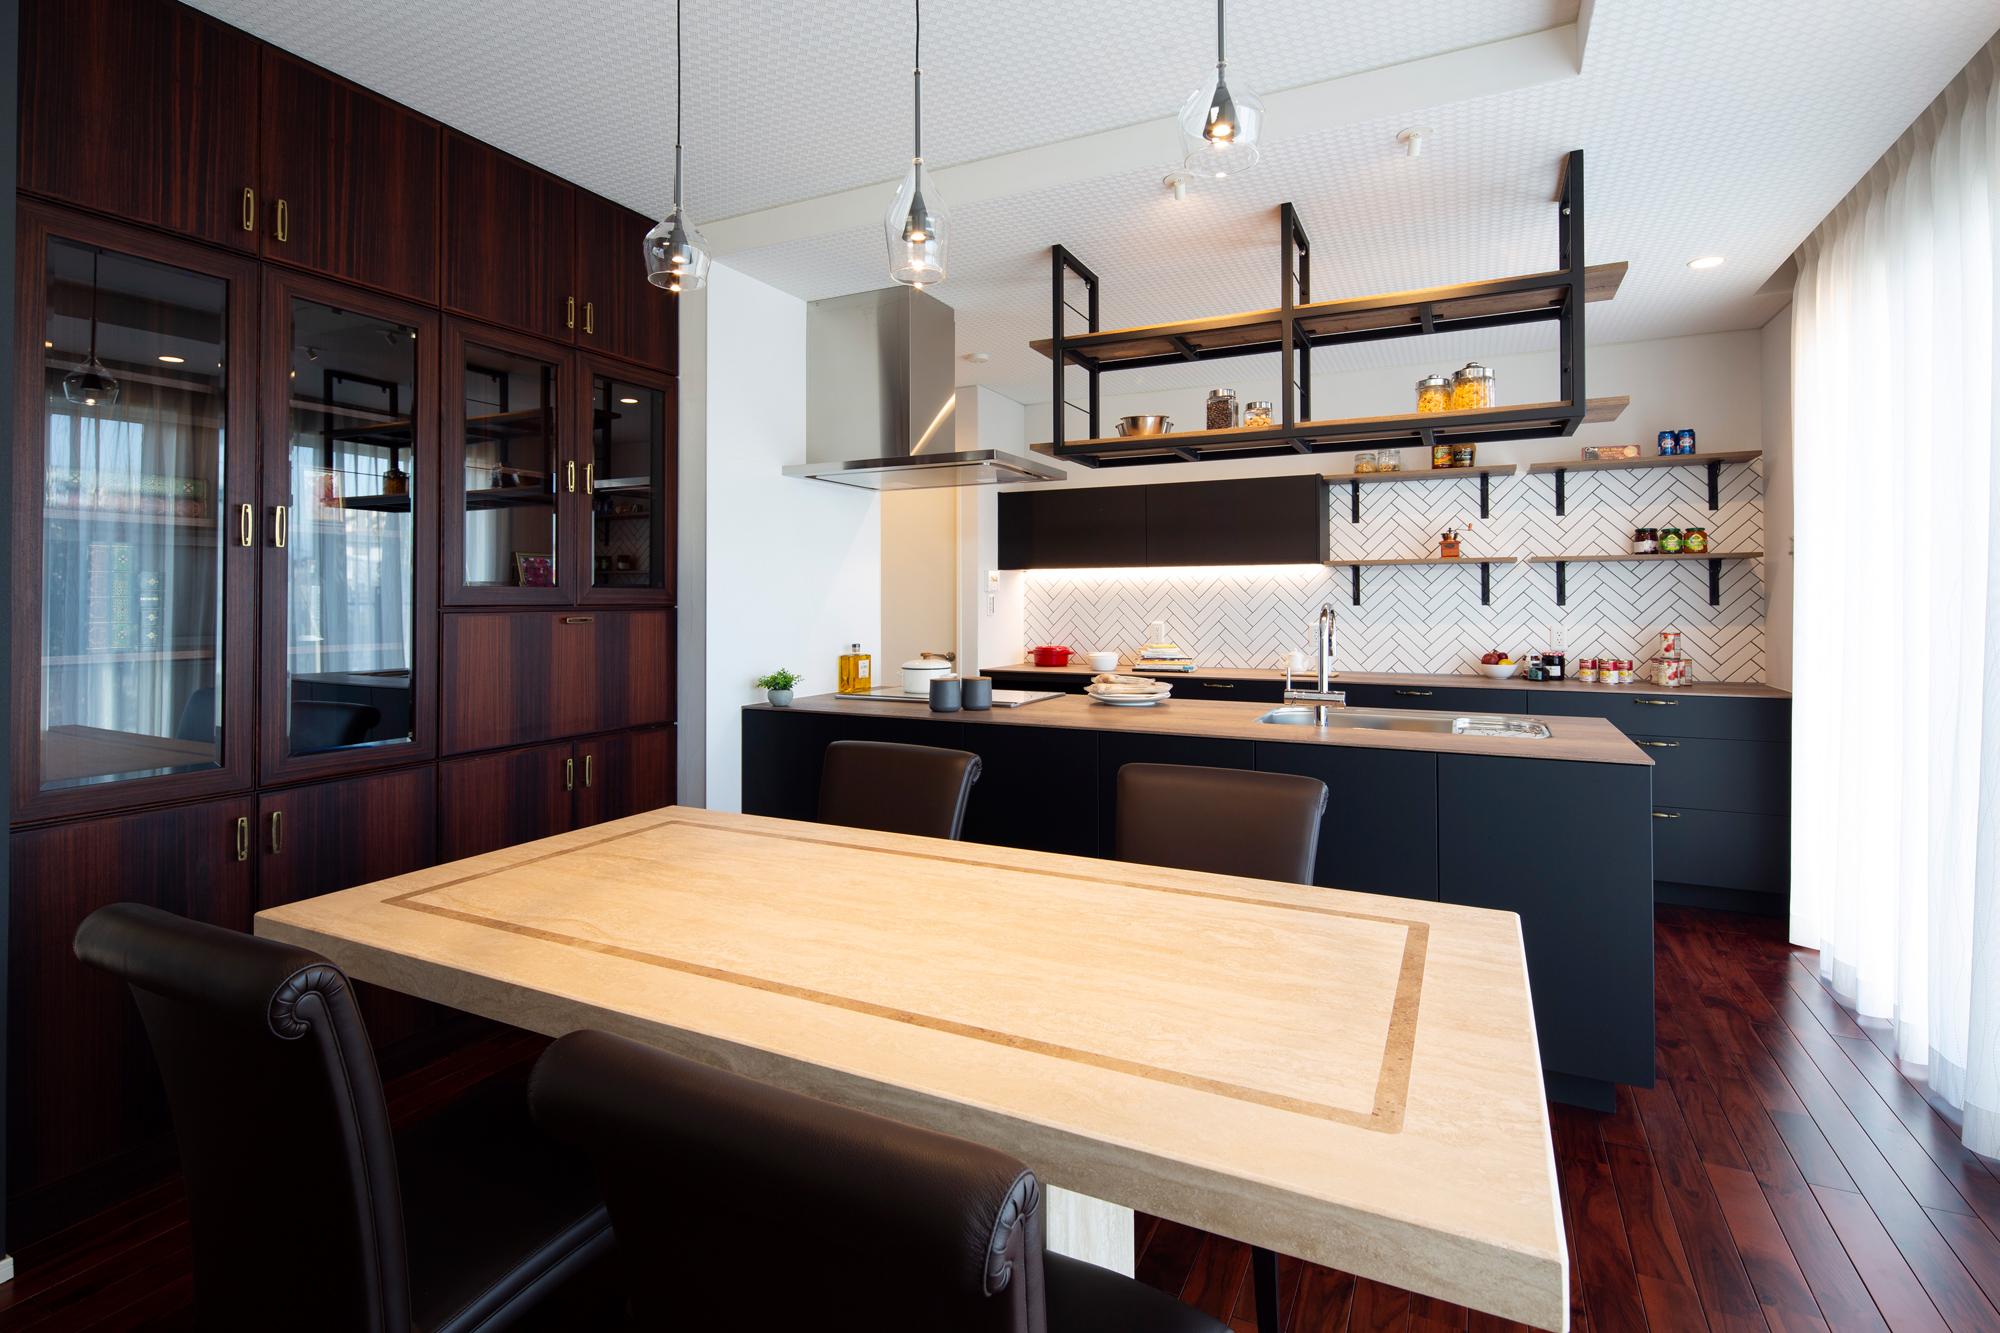 使っていた食器棚がすっぽりと収まる設計に